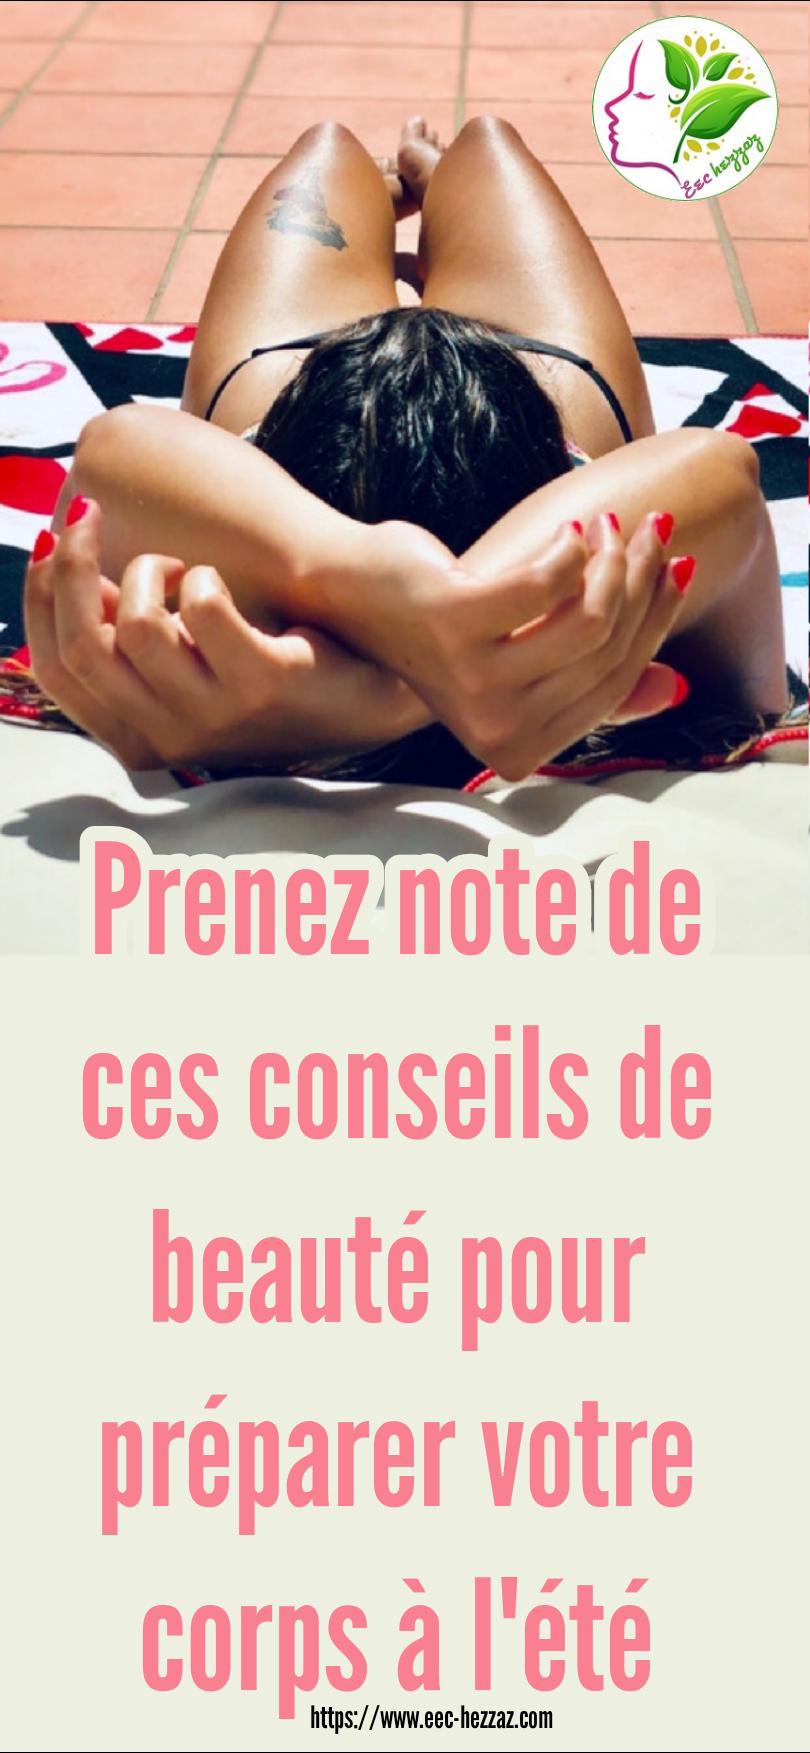 Prenez note de ces conseils de beauté pour préparer votre corps à l'été